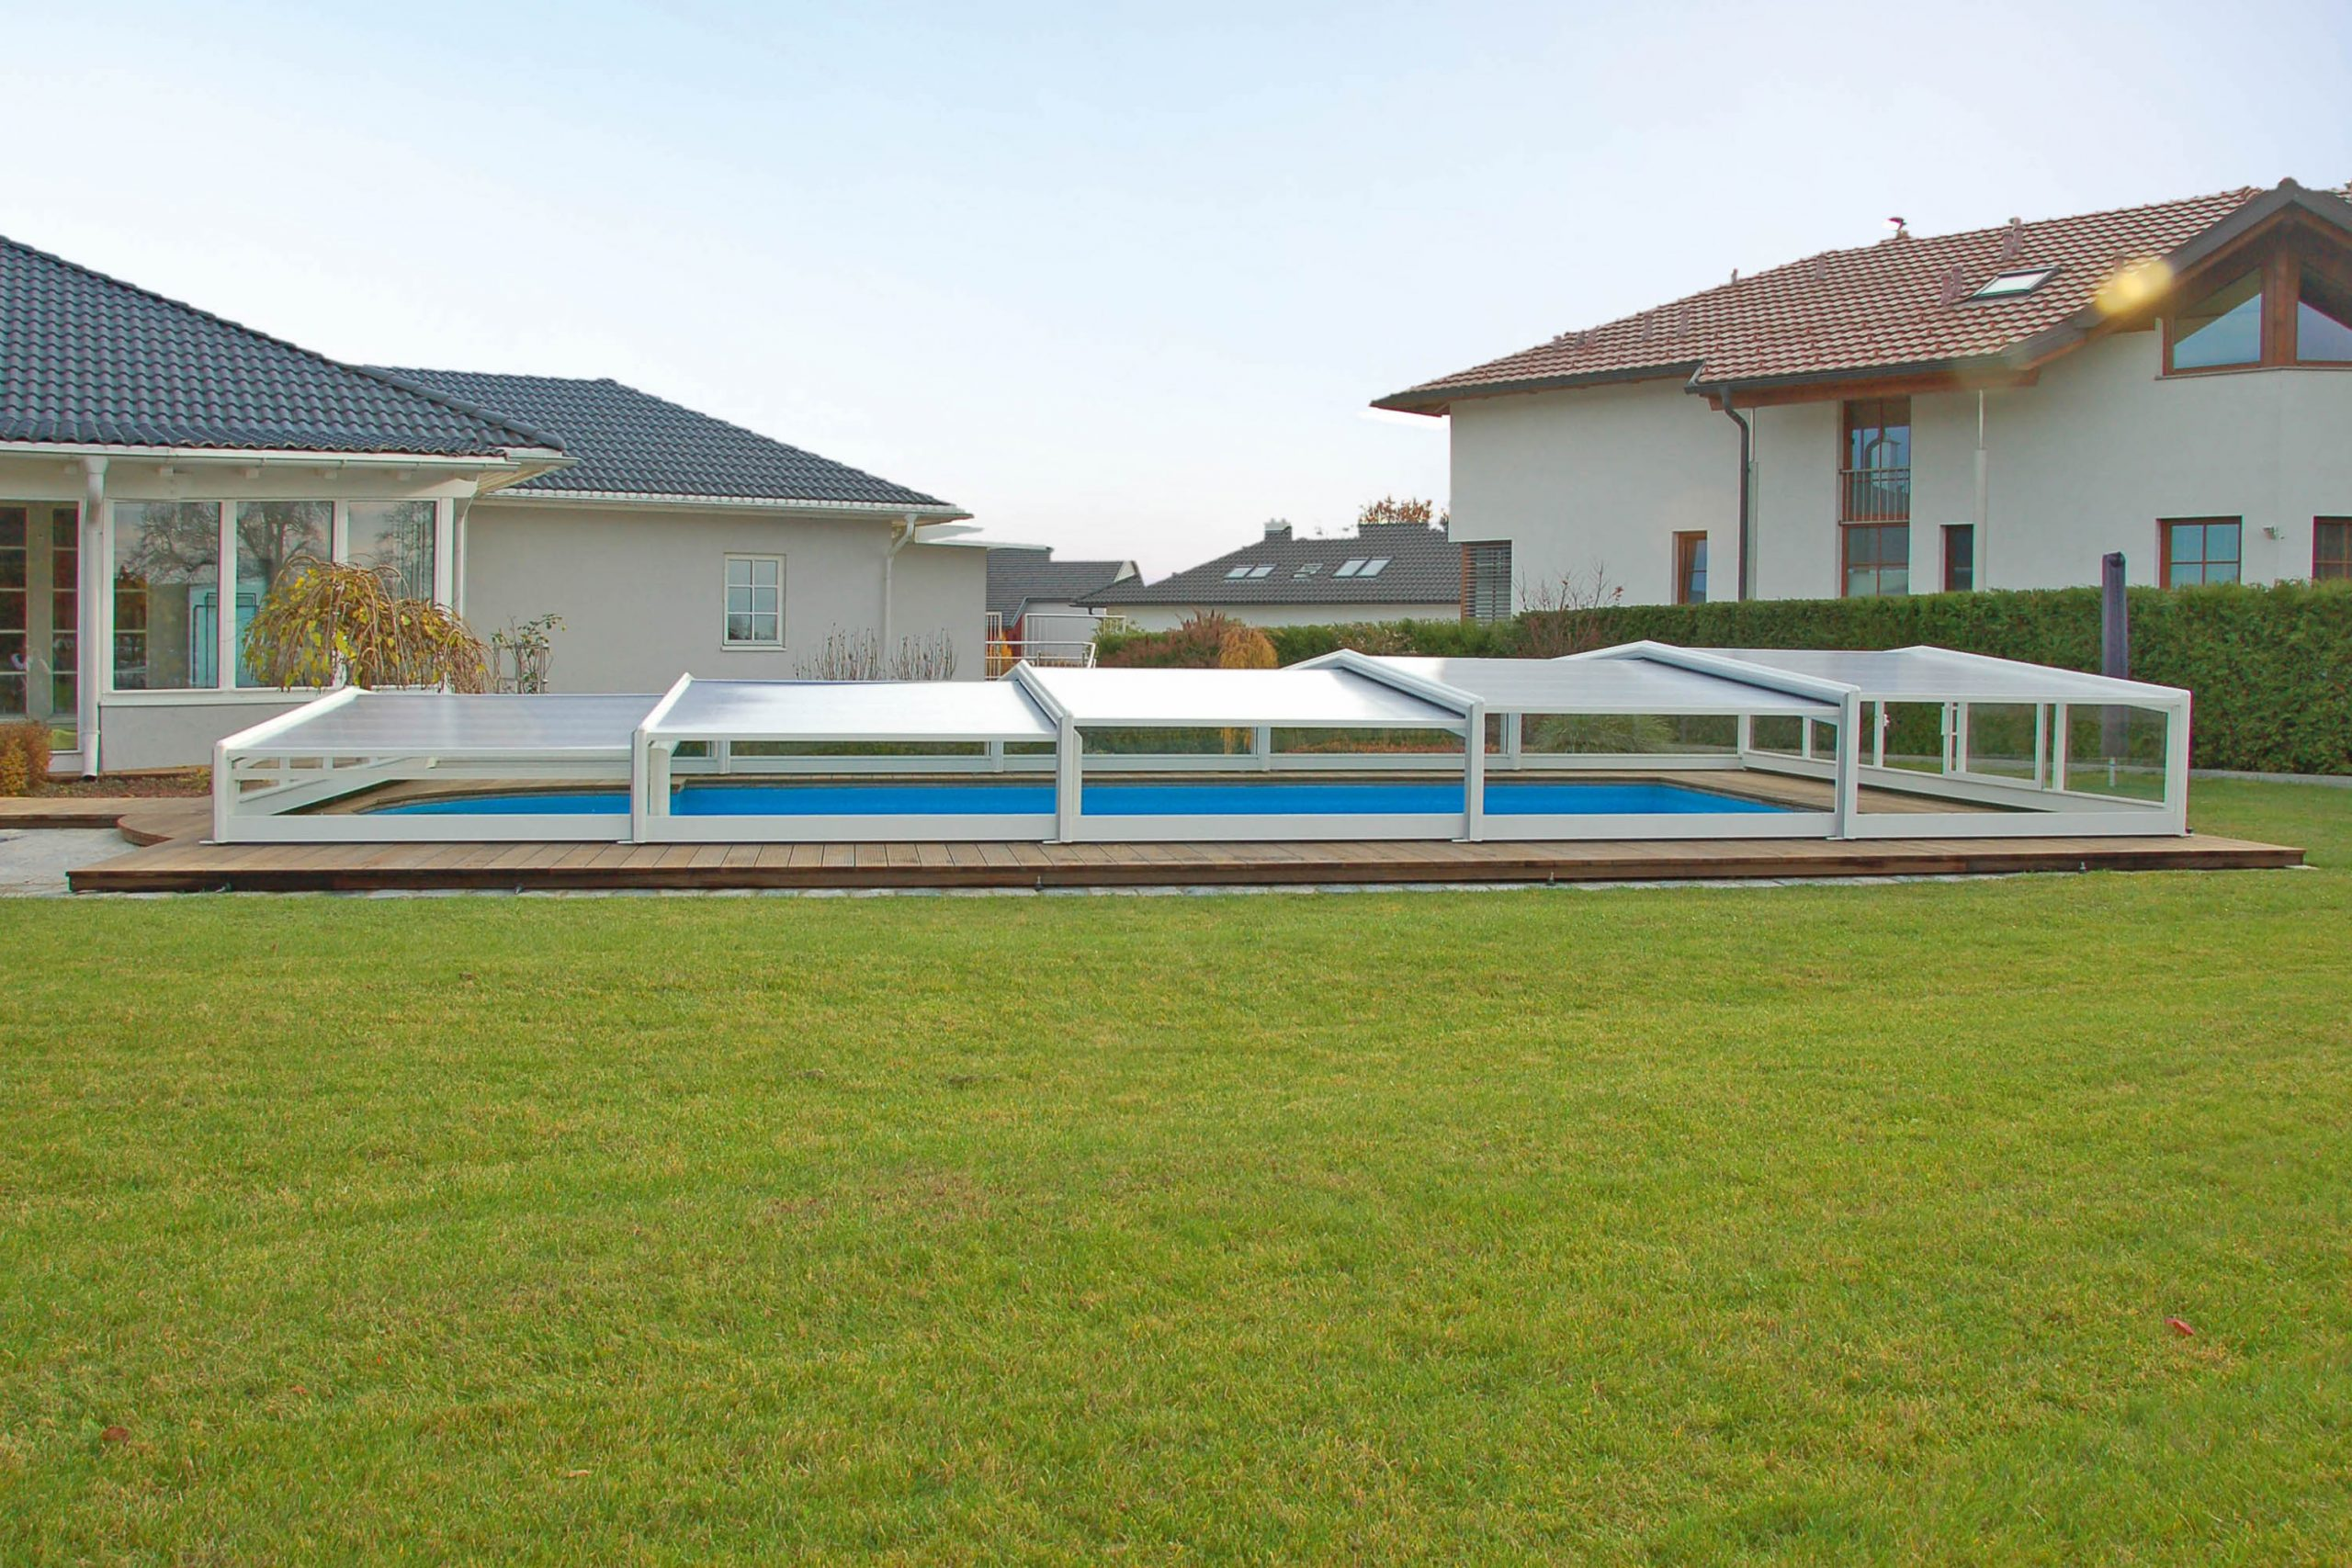 L'abris de piscine bas, 3 angles. grâce à sa faible hauteur et sécurité, l'abri bas permet de conserver la perspective du jardin tout en assurant le chauffage naturel de la piscine.